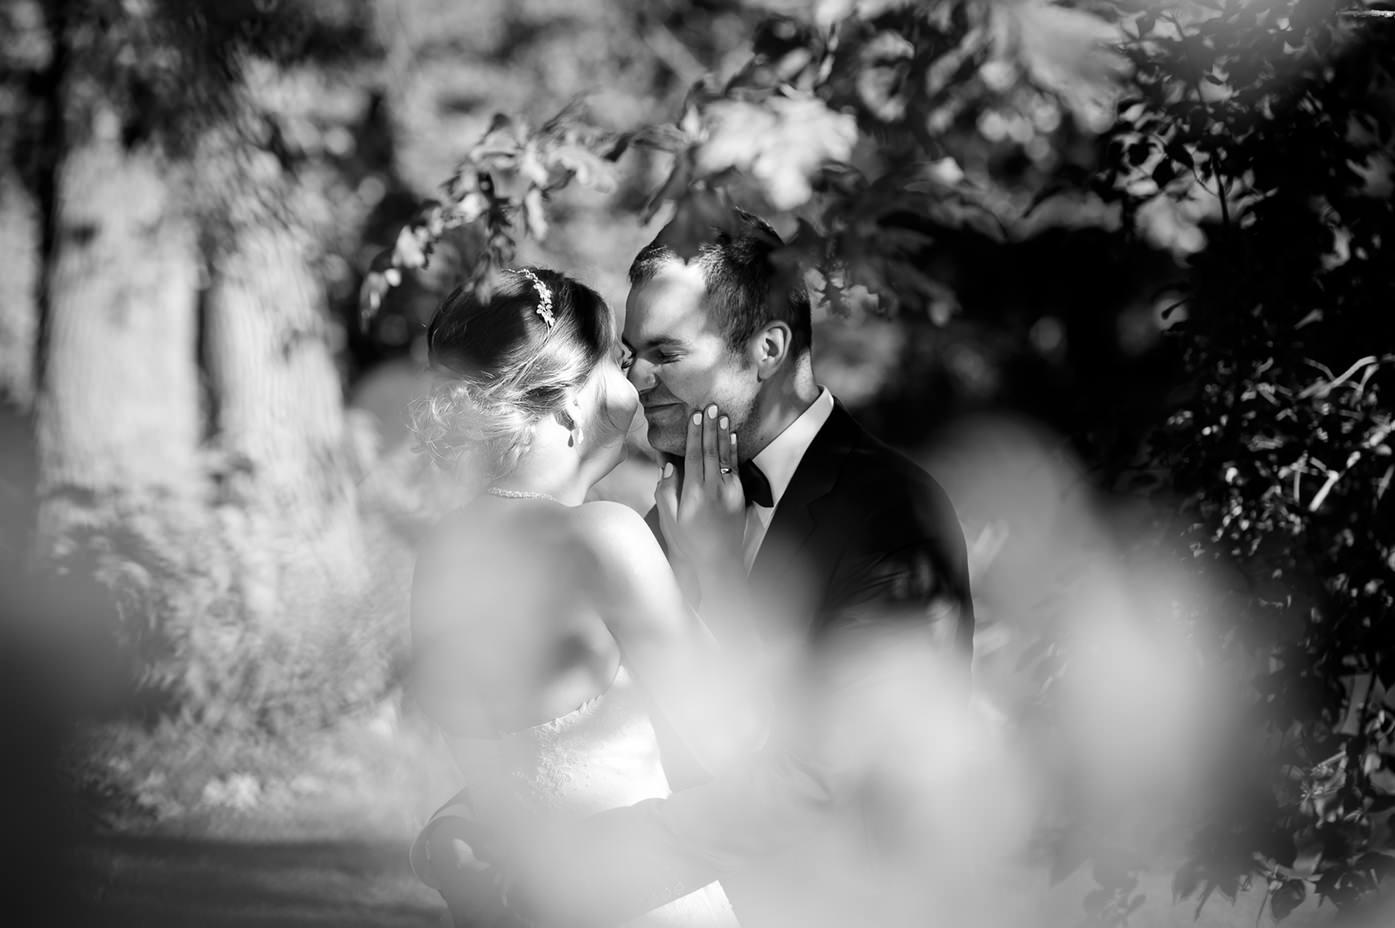 Rafał Kowalski Fotograf Ślubny opinie - spojrzenia zakochanych nowożeńców na plenerowej sesji ślubnej w parku pałacu Ostromecko koło Bydgoszczy